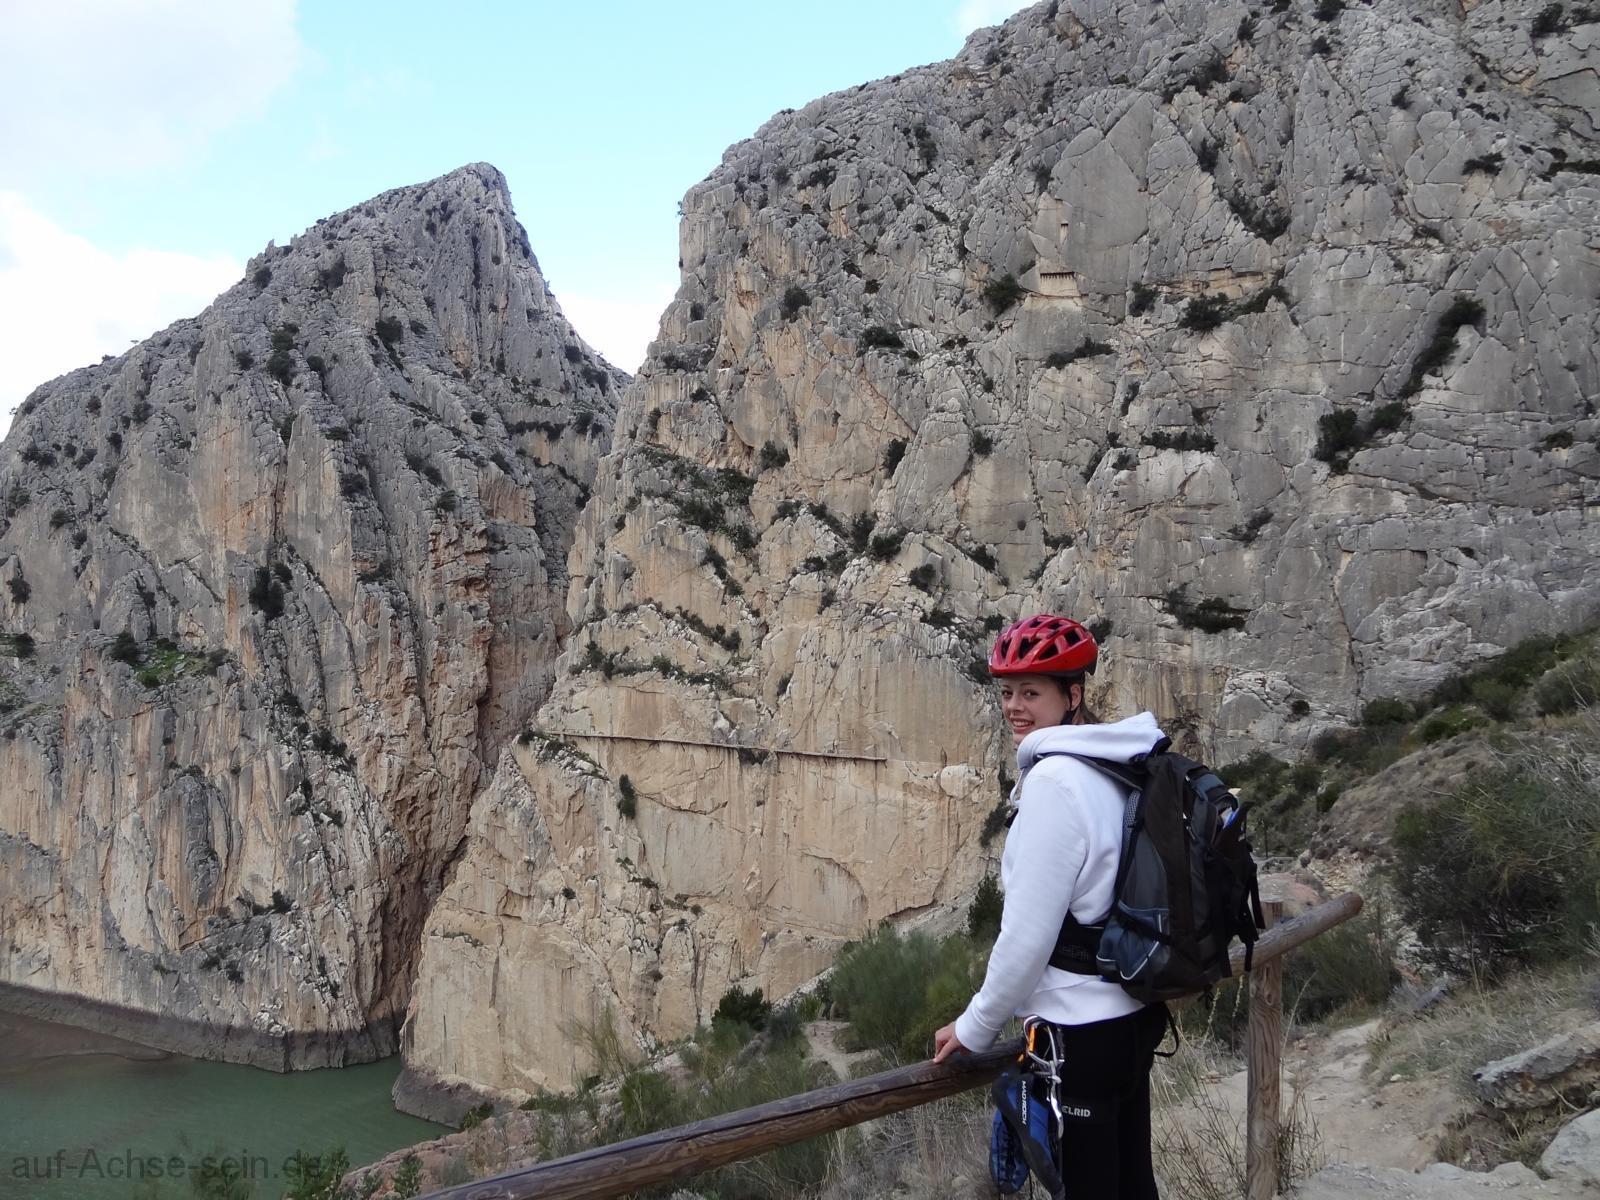 Spanien, El Chorro